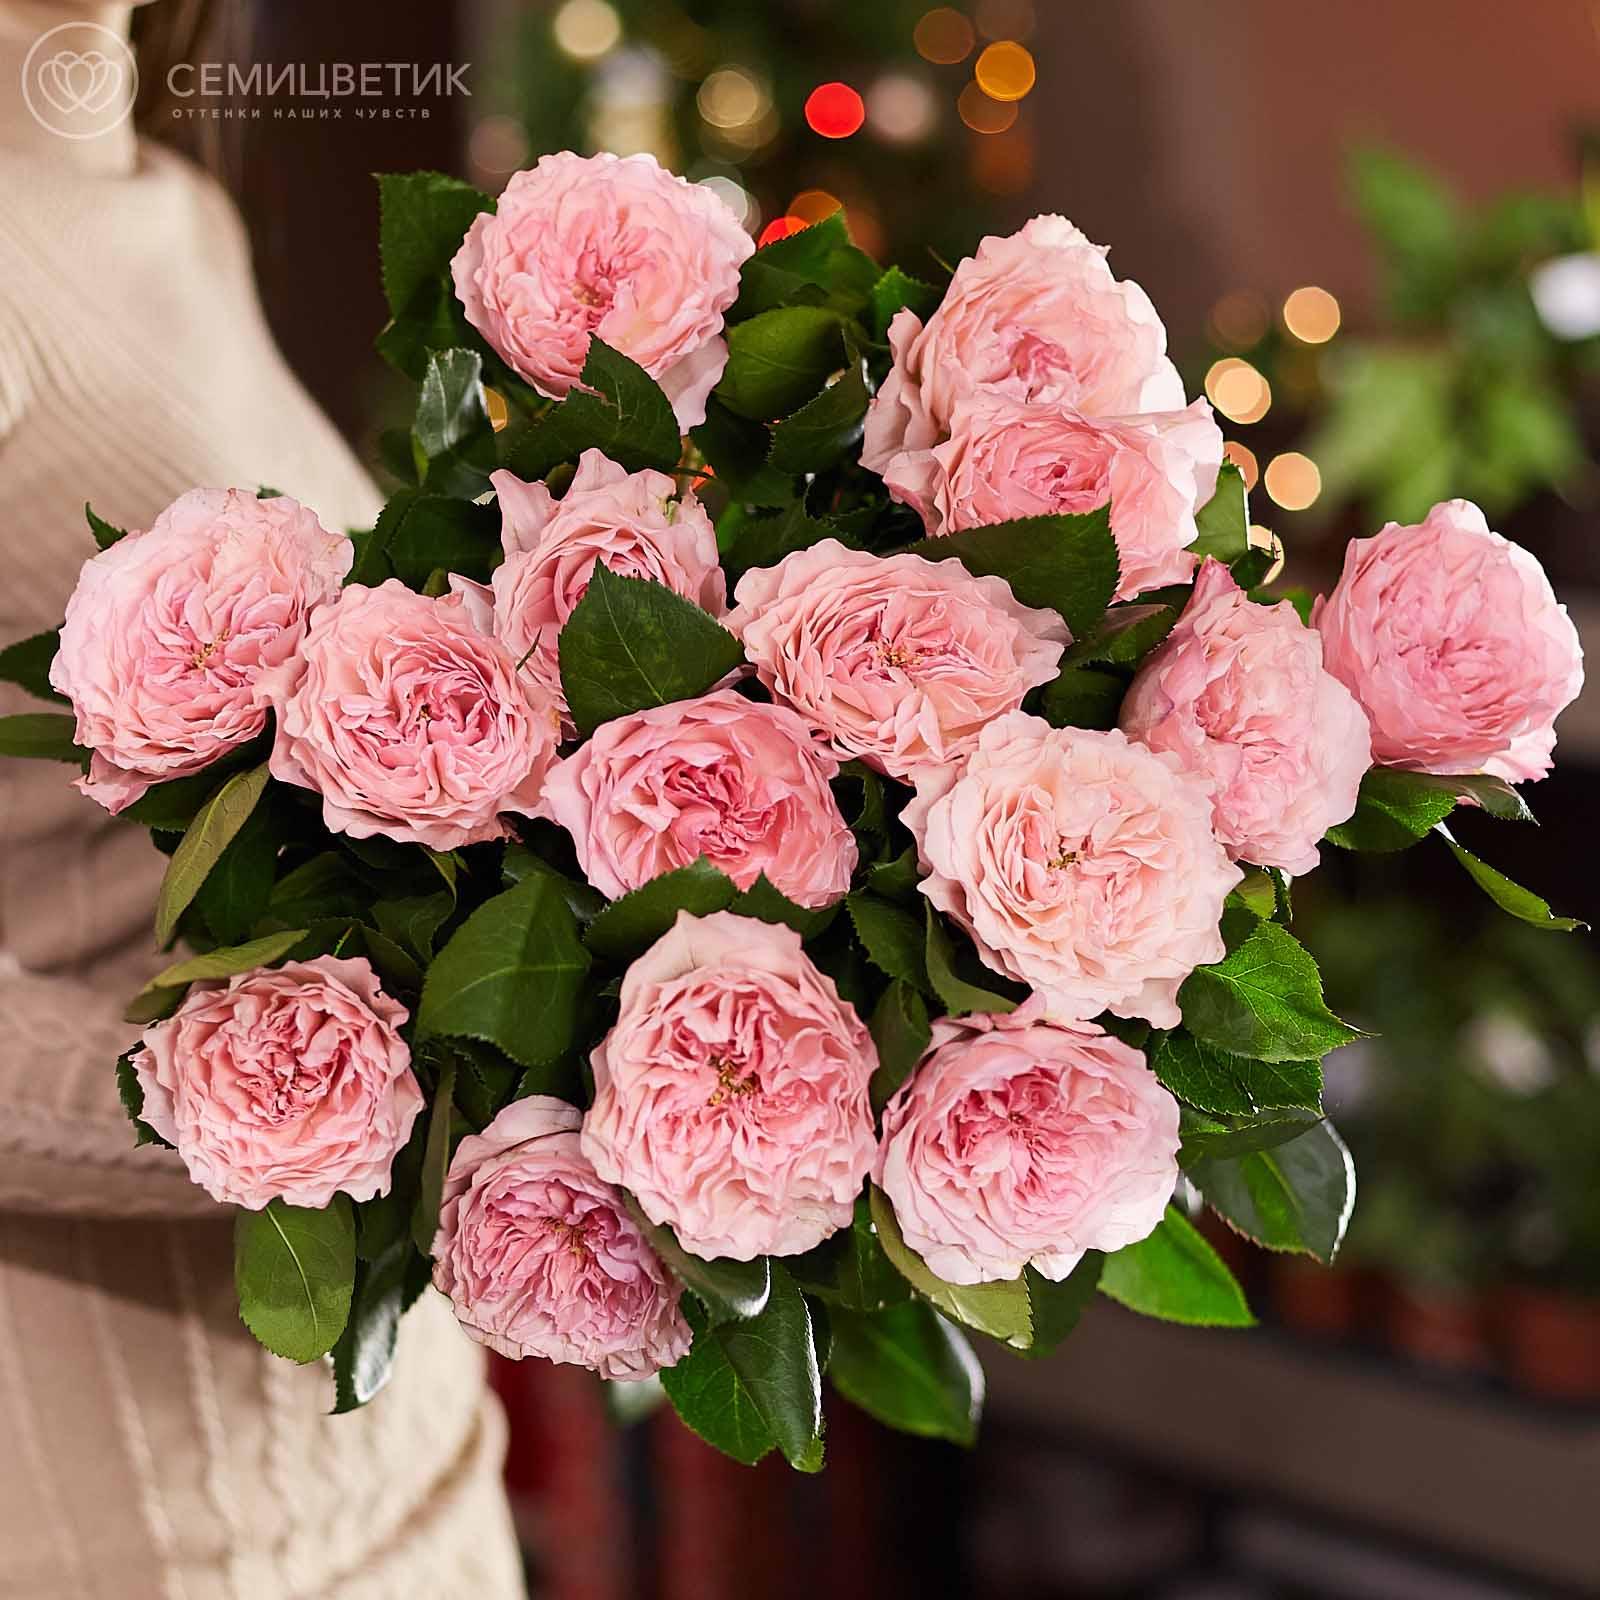 15 пионовидных роз Майрас Пинк 60 см фото